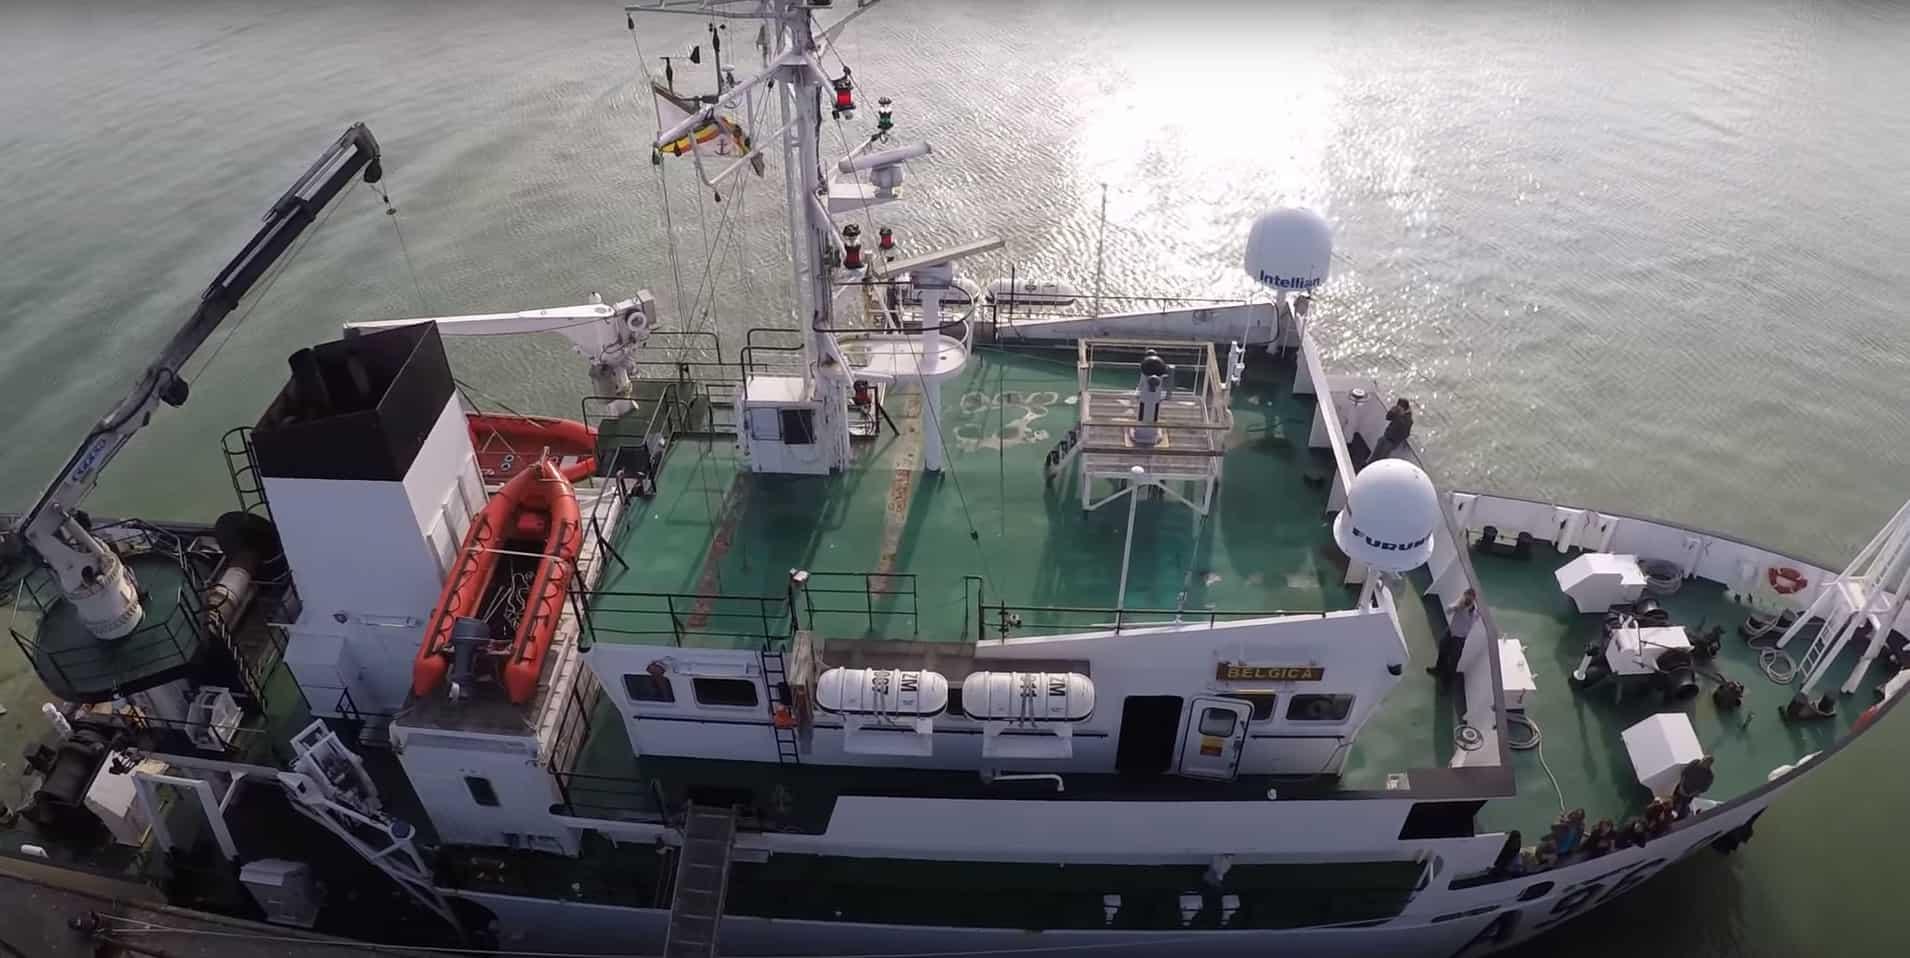 Морське дослідницьке судно «Belgica» (A962). Фото з відкритих джерел